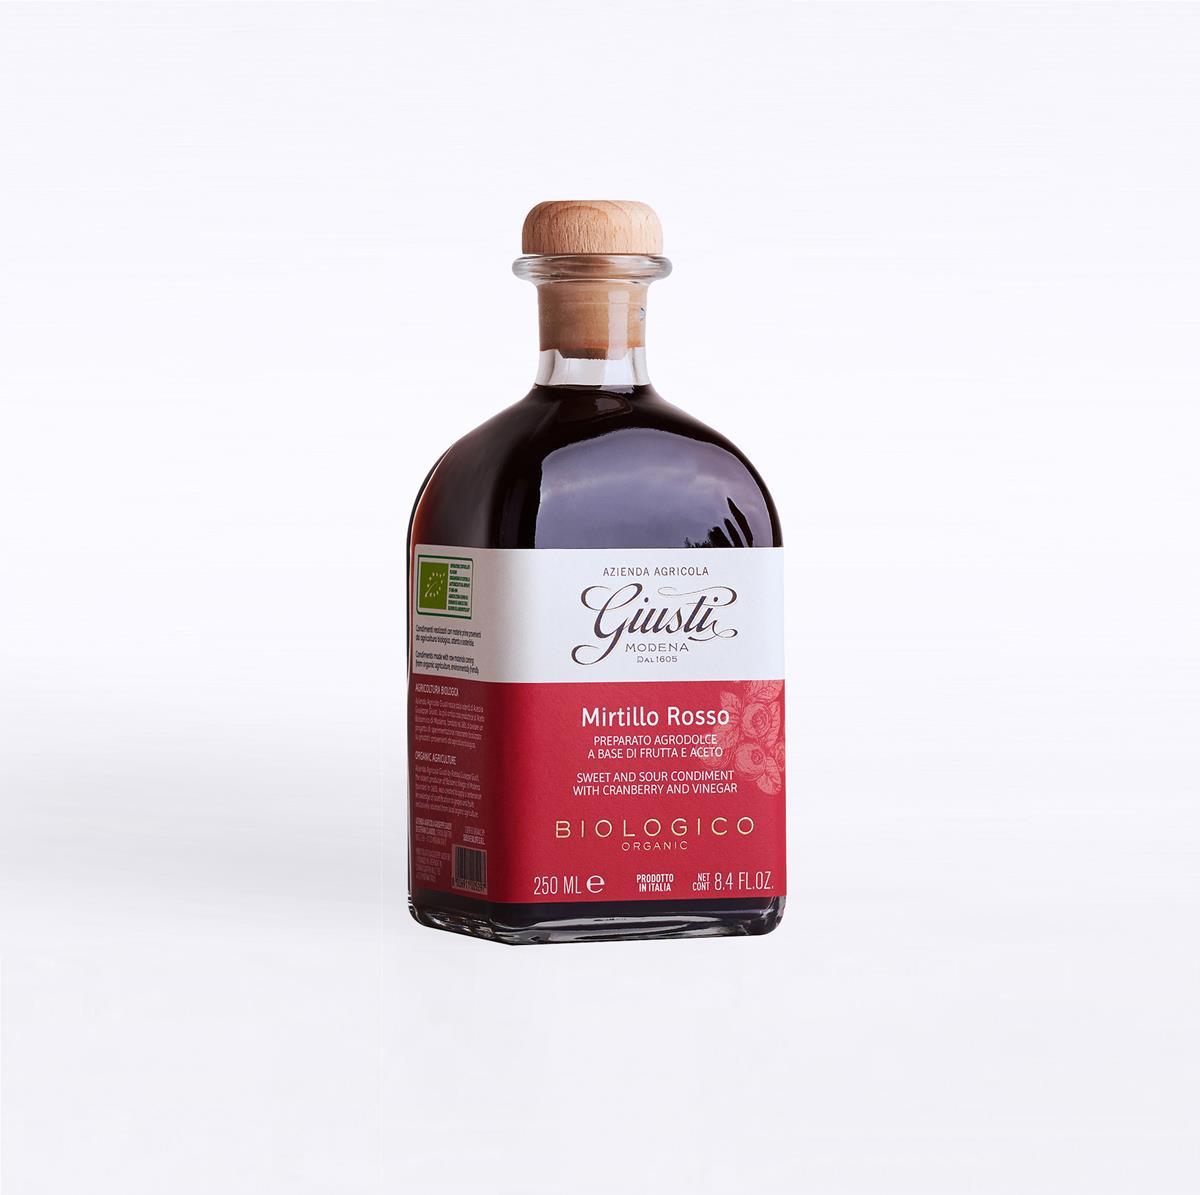 Agrodolci a base di frutta e aceto - Biologico - Mirtillo Rosso 250 ml